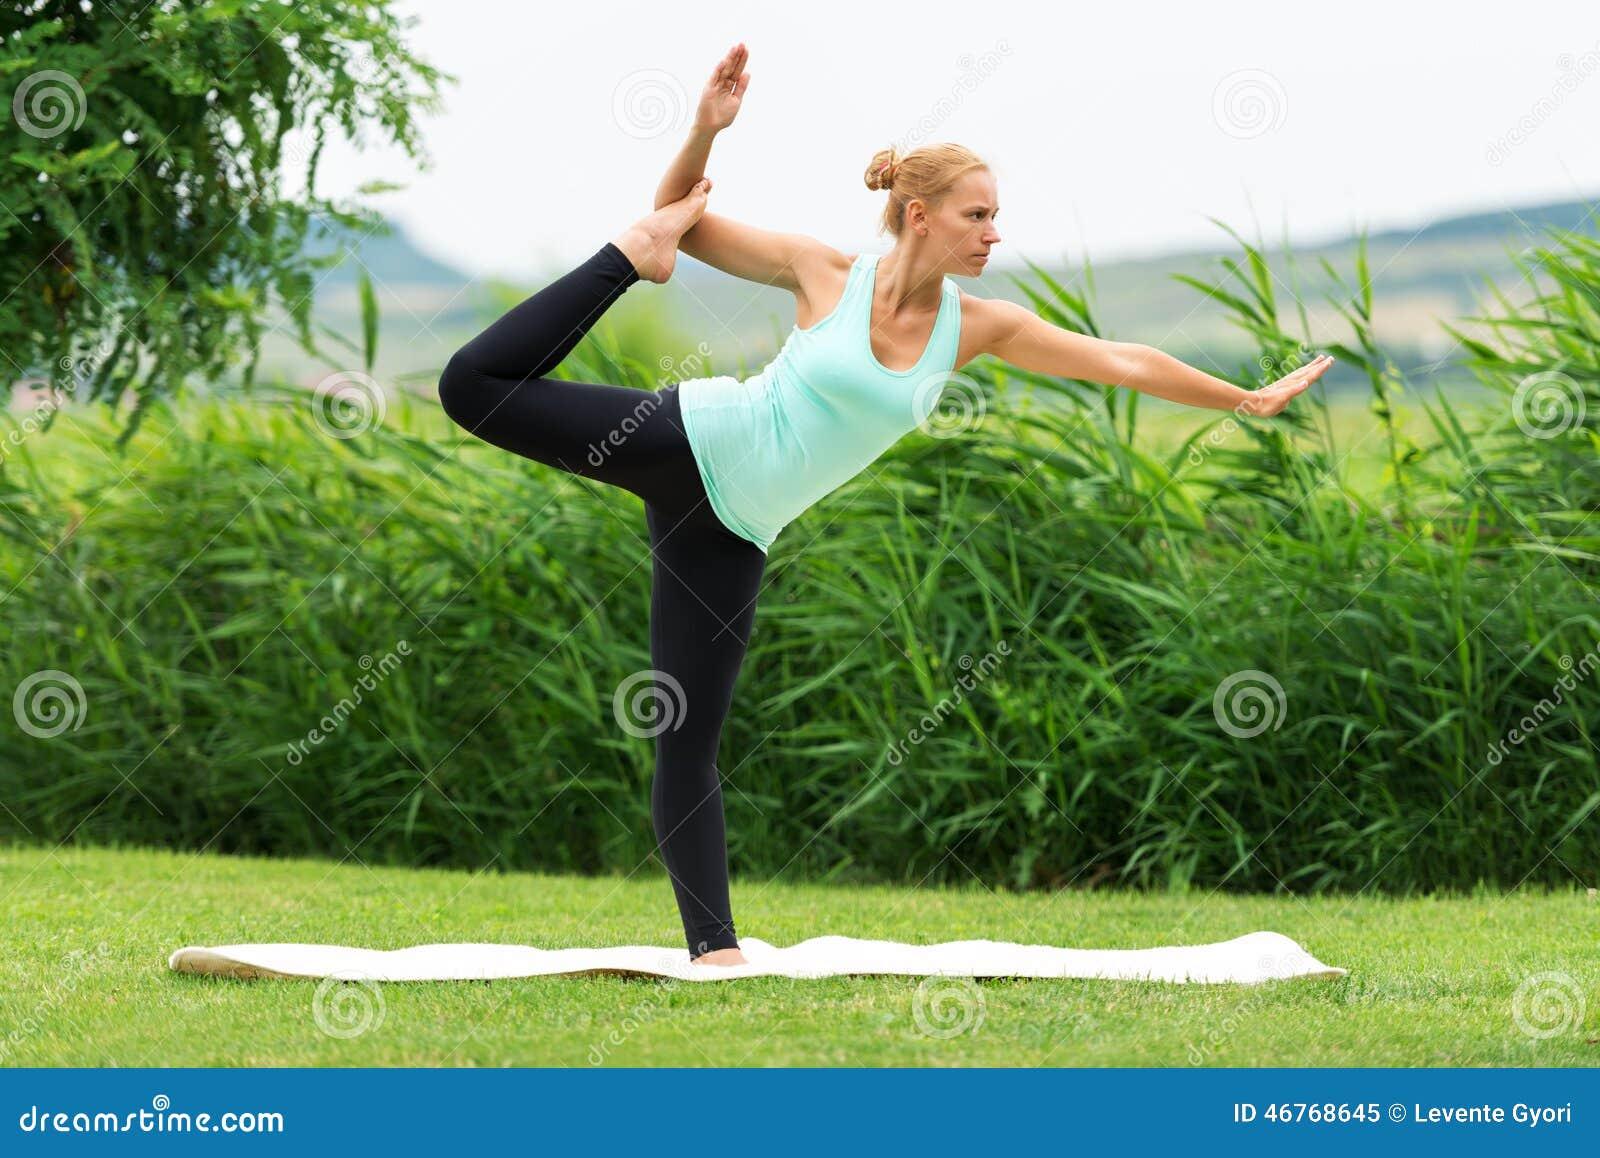 Frauen Machen Yoga In Der Natur Auf Dem Grünen Gras, Natarajasana ...